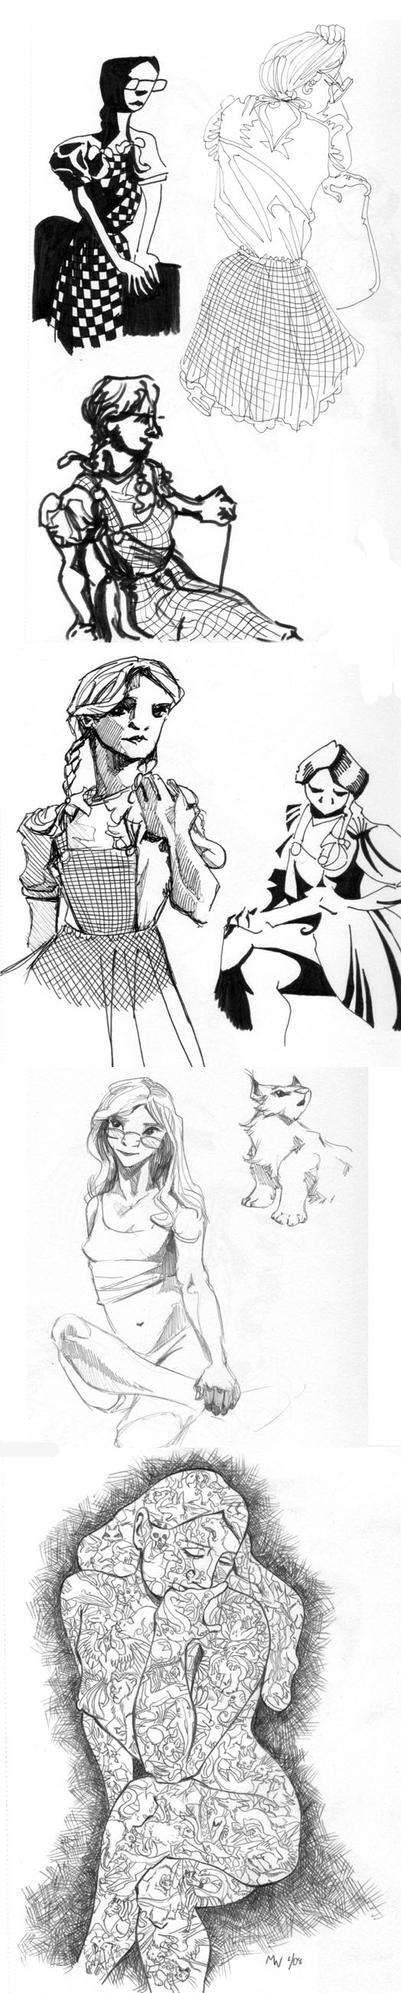 It Figures 1 by LynxGriffin